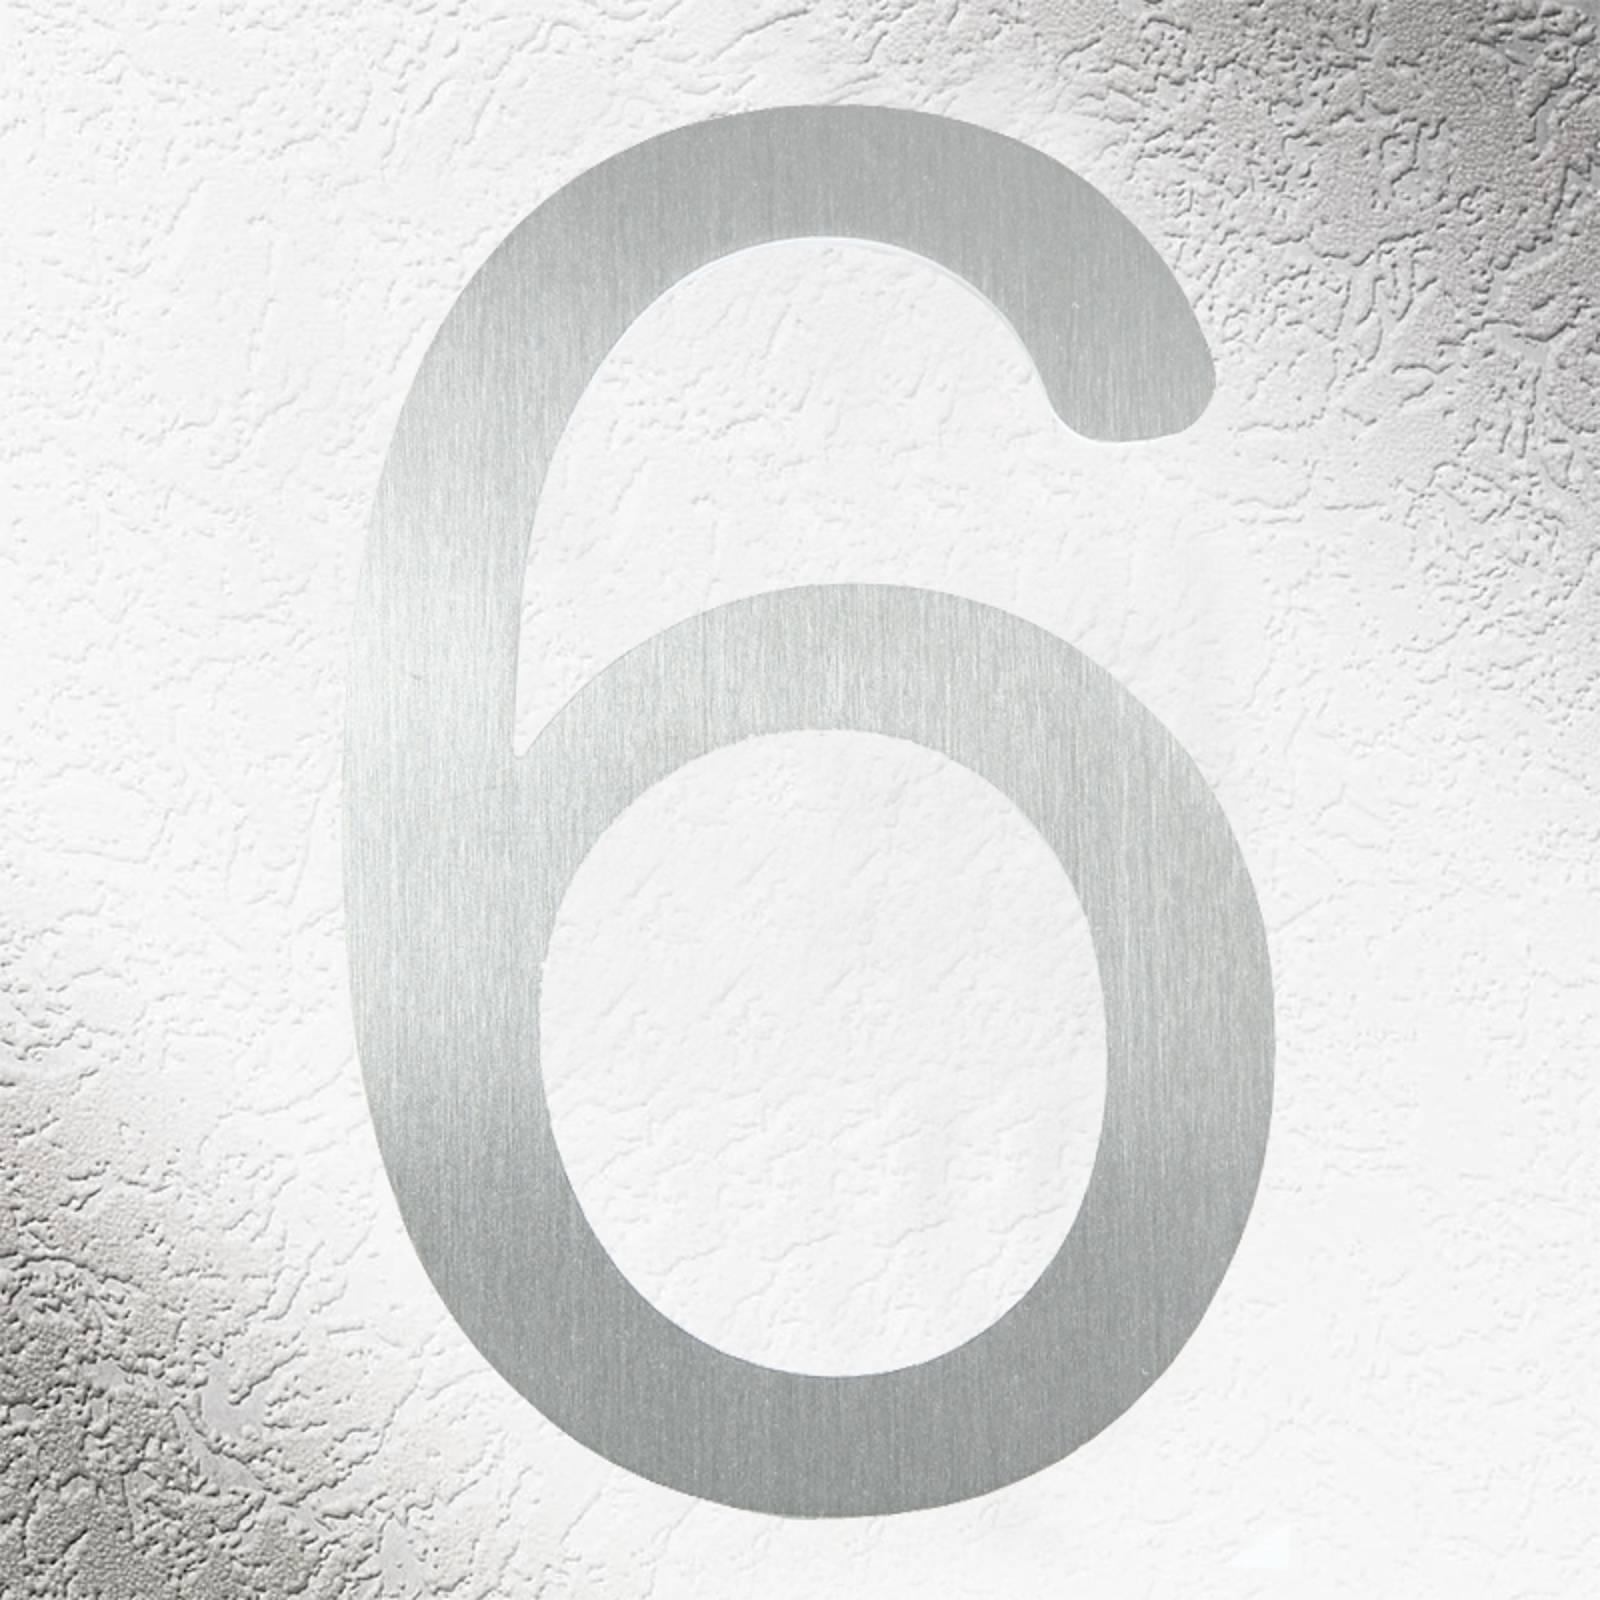 Laadukkaat talonumerot ruostumatonta terästä, 6